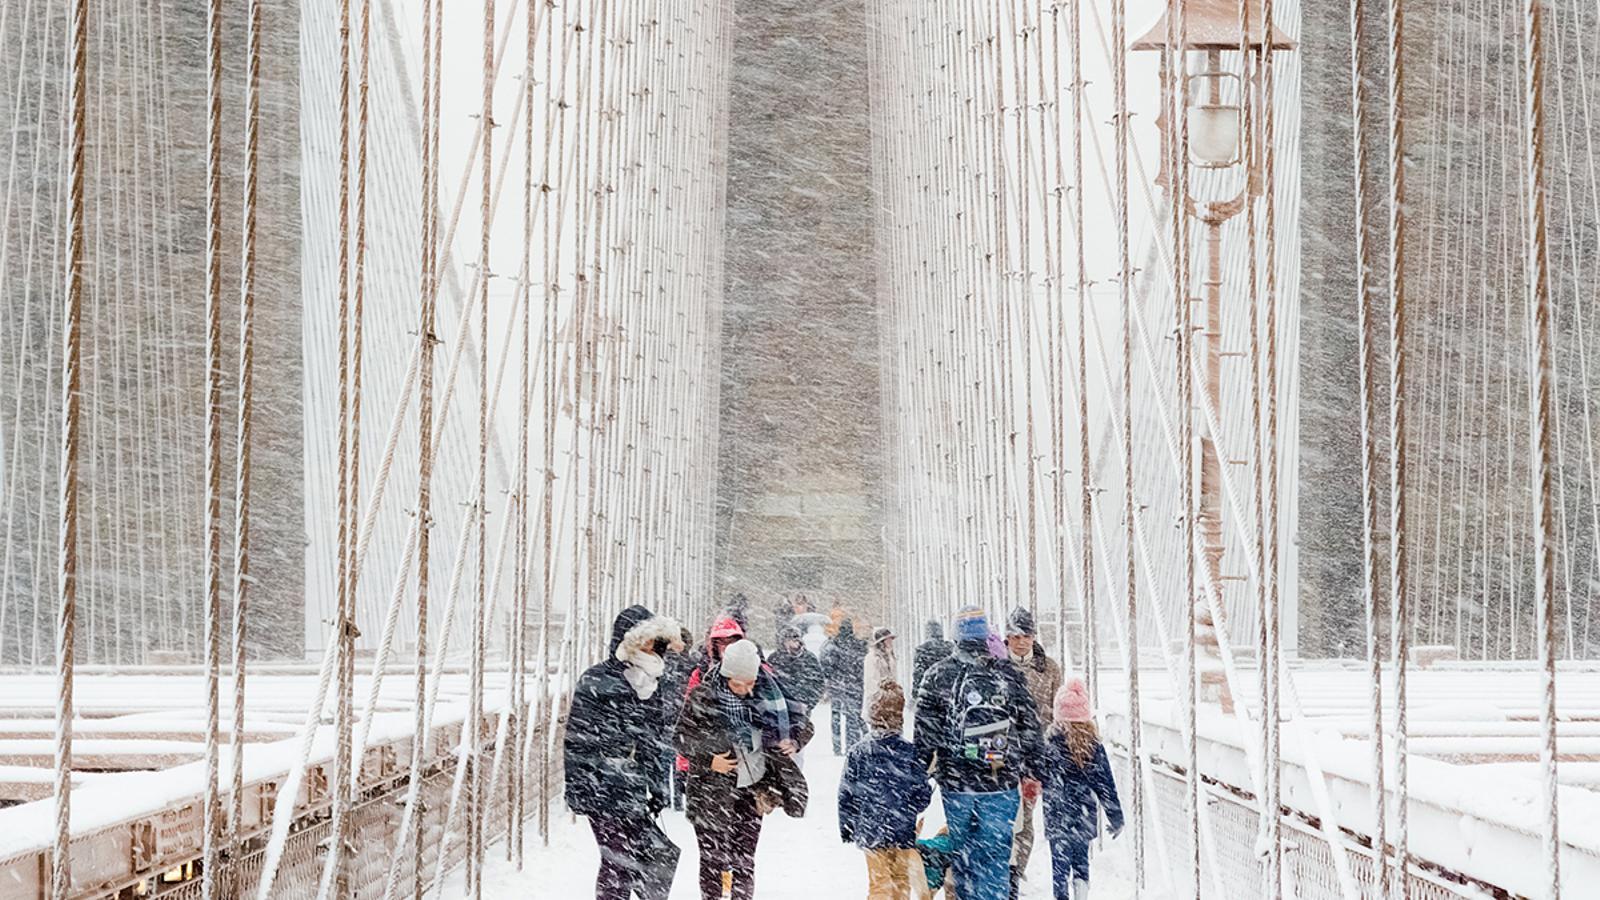 Tempesta de neu al Pont de Brooklyn de Nova York